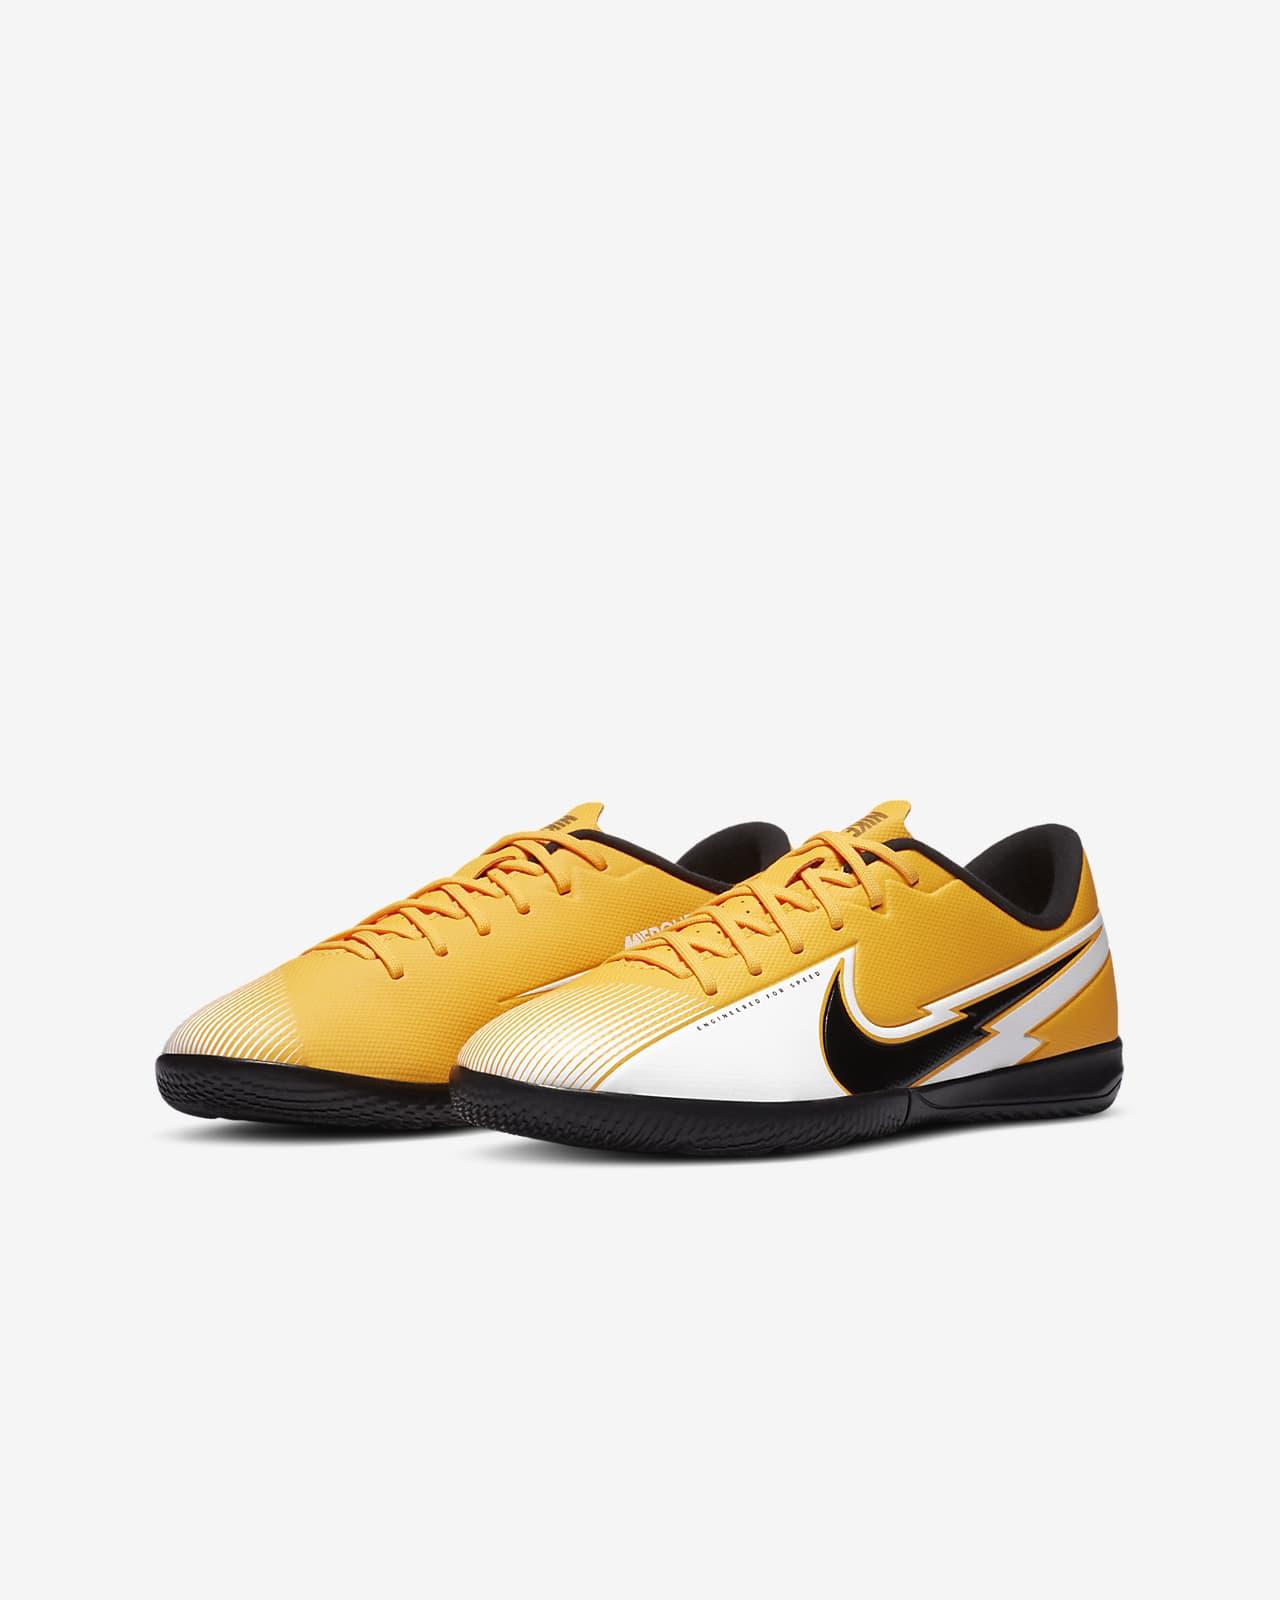 Cambiable cargando Descompostura  Nike Jr. Mercurial Vapor 13 Academy IC Botas de fútbol sala - Niño/a y niño/a  pequeño/a. Nike ES